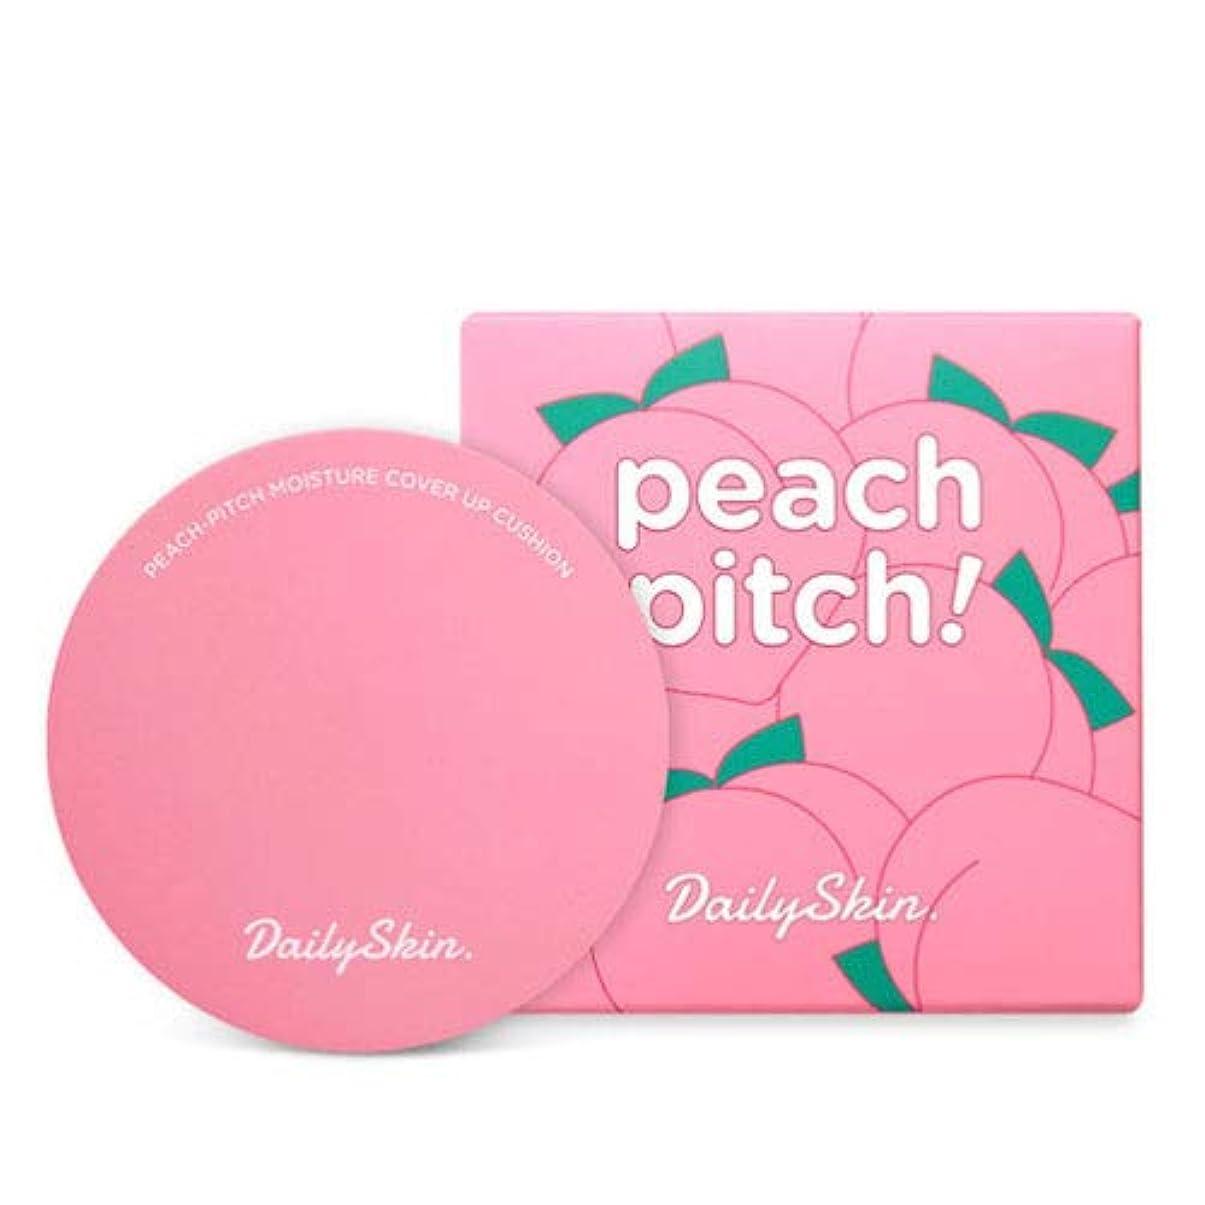 降伏要求するトレース[RENEWAL] デイリースキン ピーチ モイスチャー カバー アップ クッション Daily Skin Peach-Pitch Moisture Cover Up Cushion (No.23 Peach Natural...